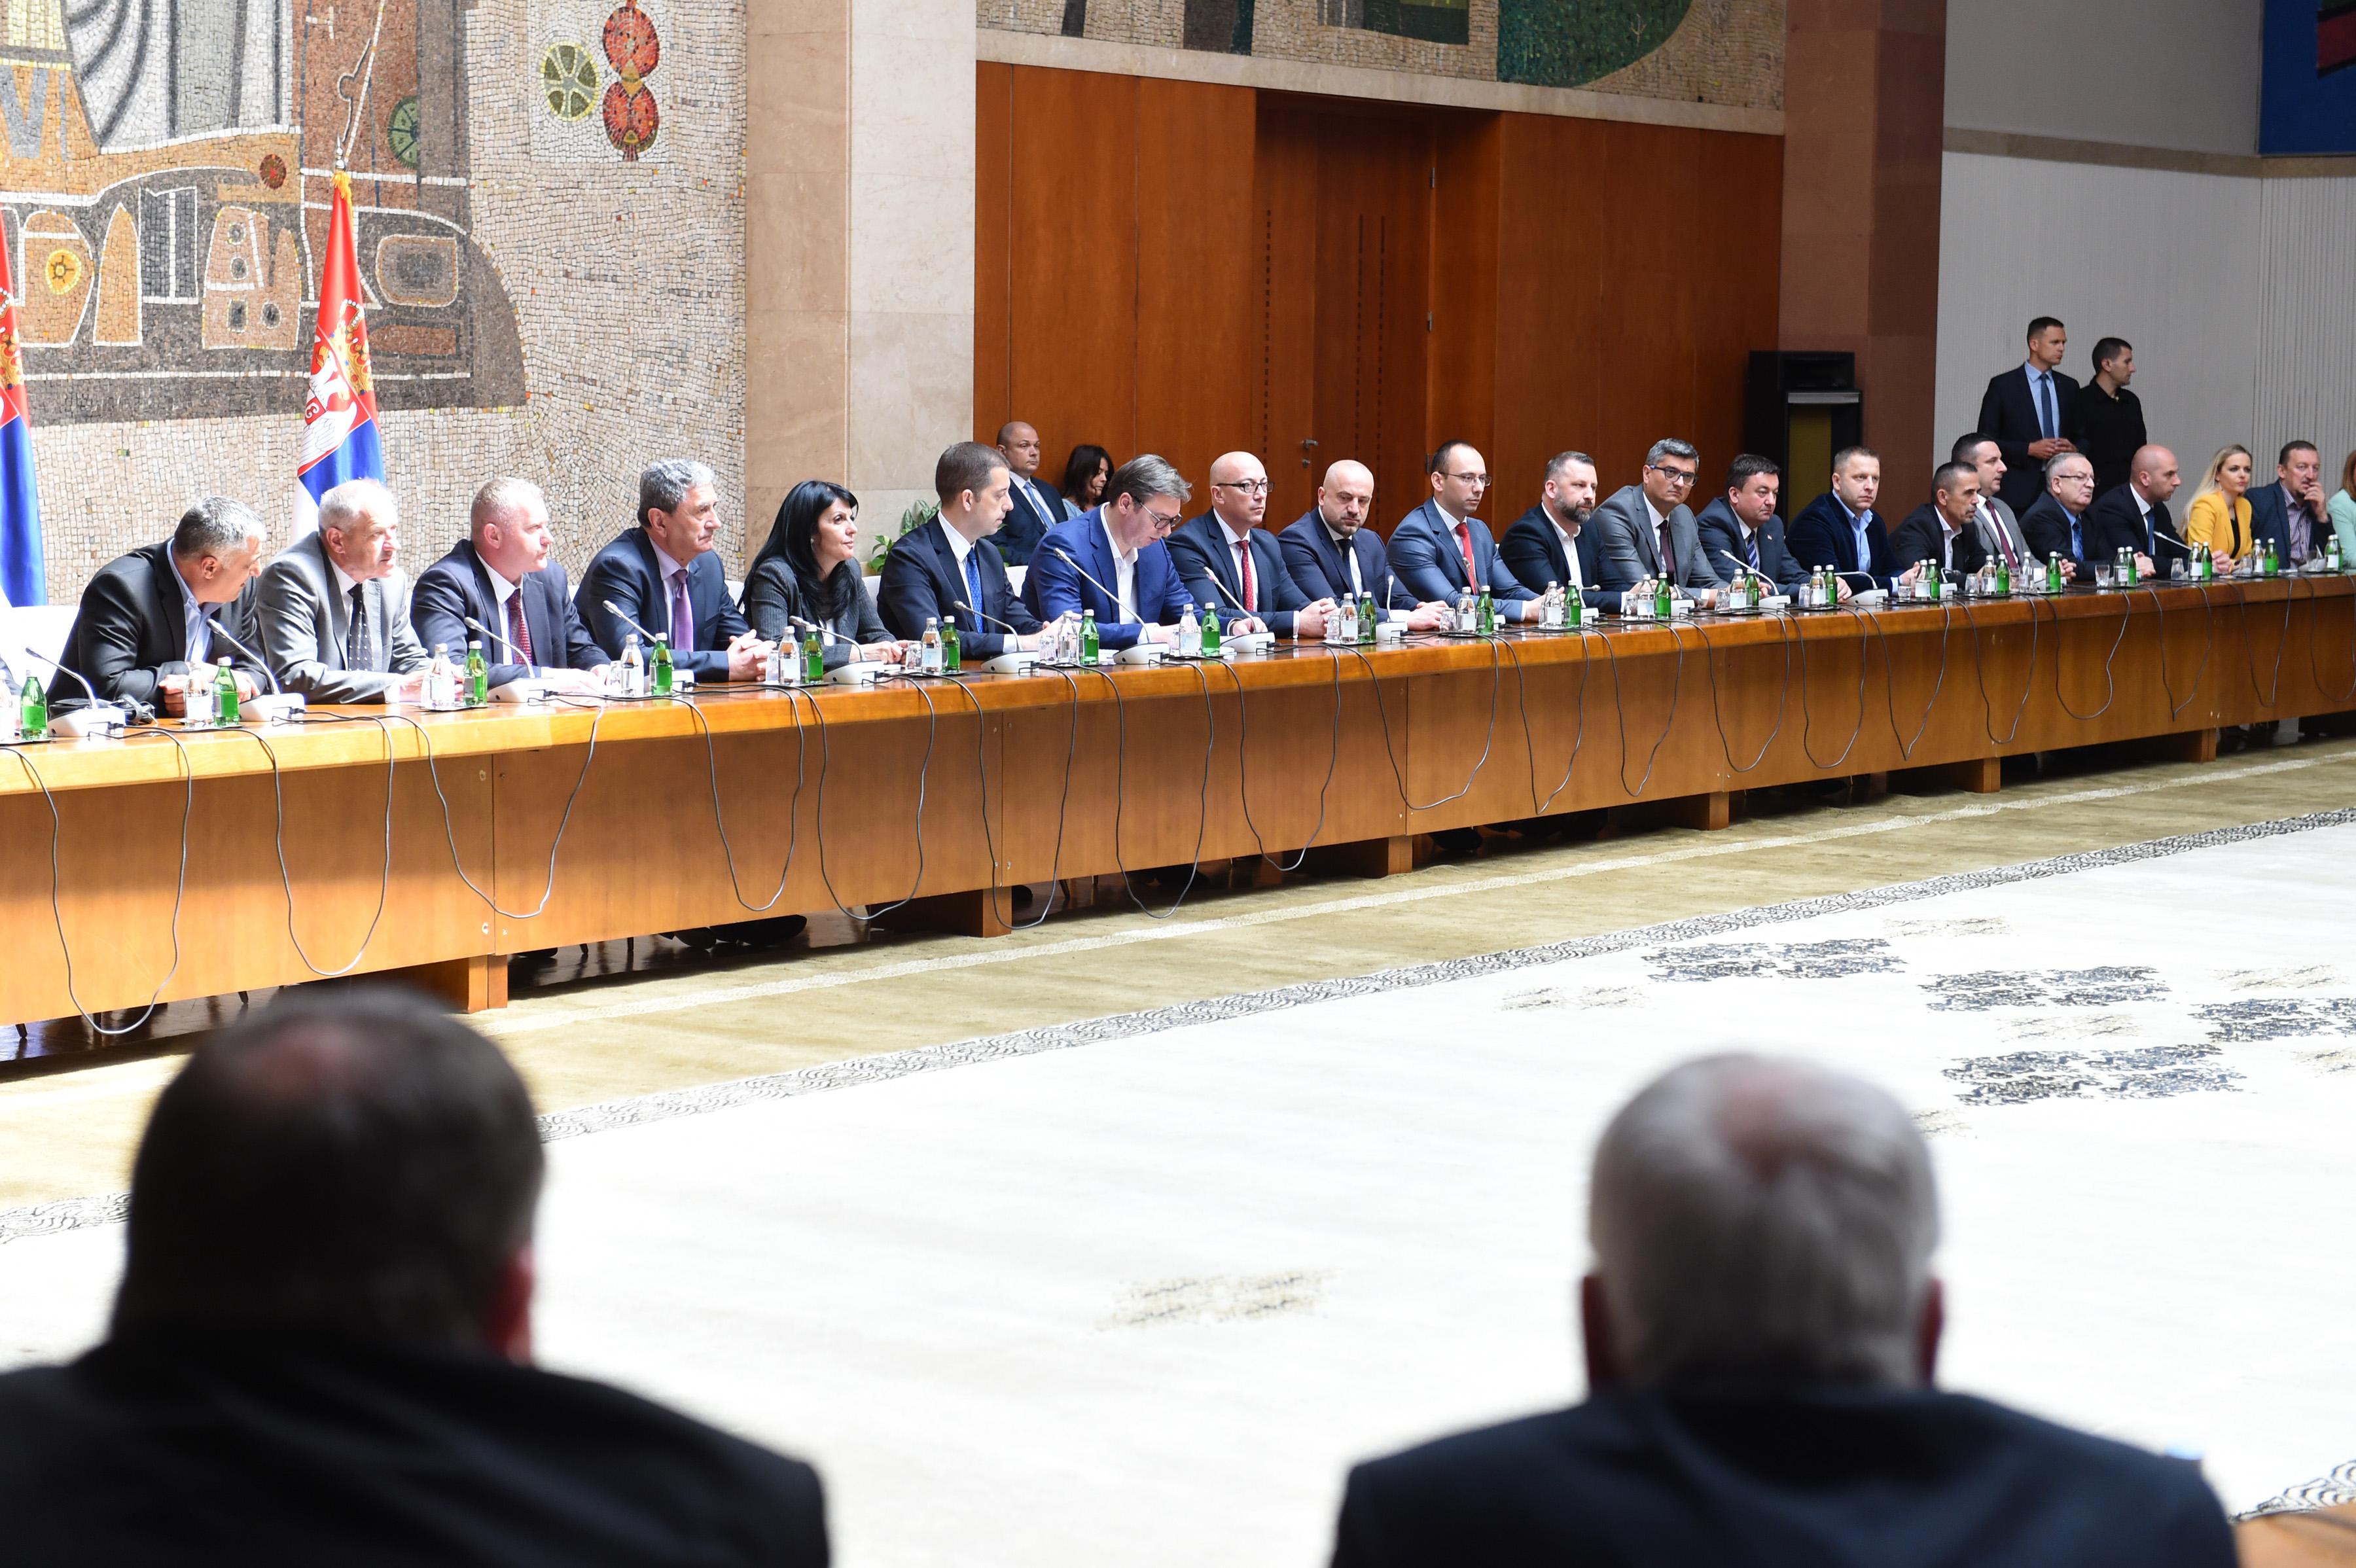 Predsednik Aleksandar Vucic sastao se danas u Beogradu sa politickim predstavnicima Srba sa Kosova i Metohije, povodom raspisivanja izbora u cetiri srpske opstine na severu KiM.